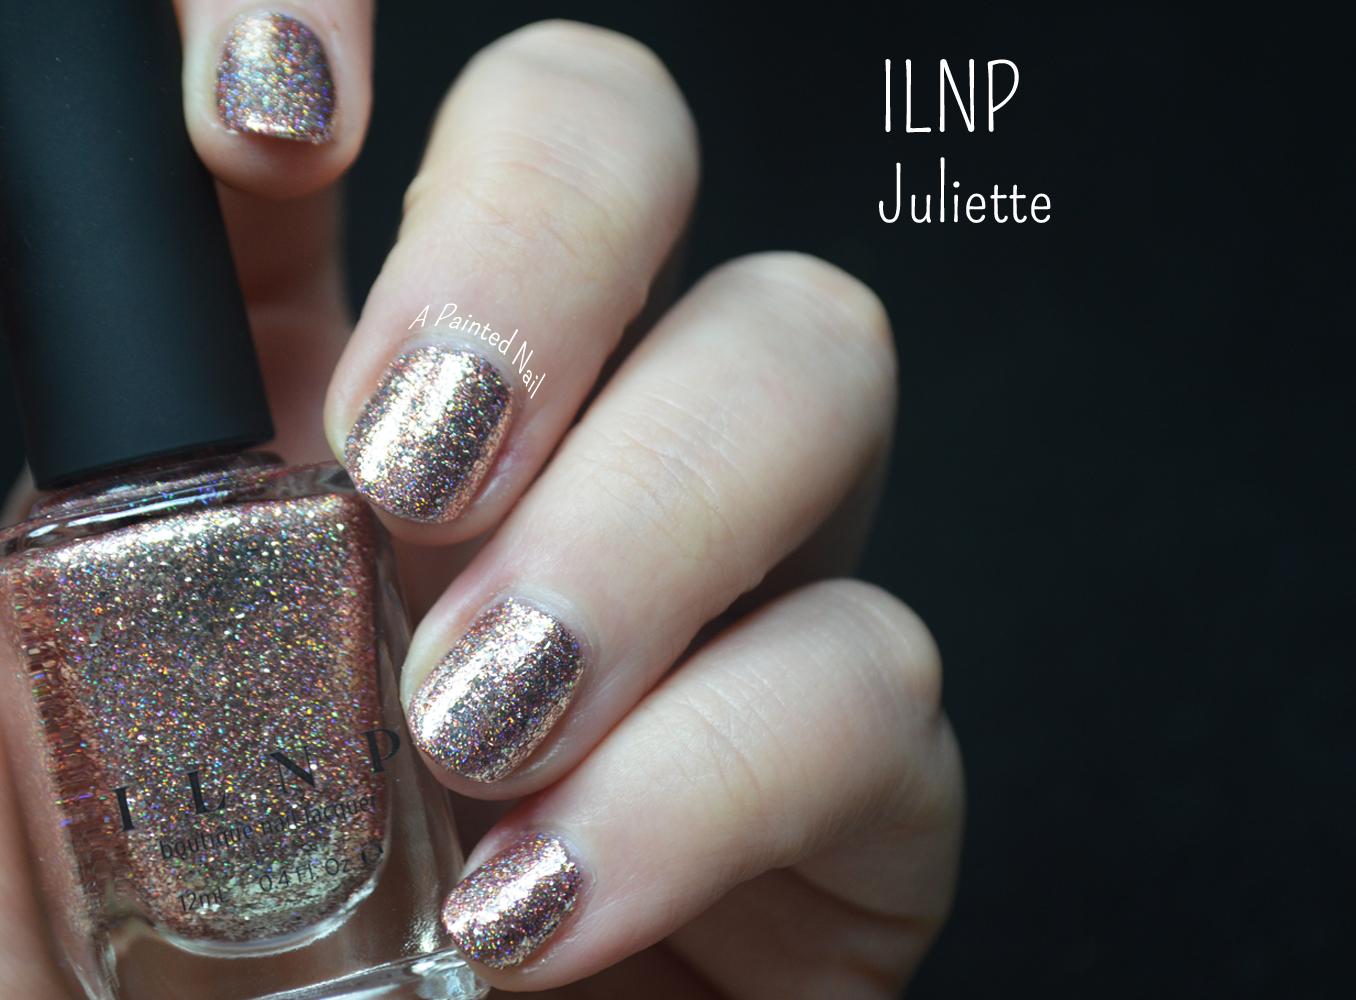 A Painted Nail: ILNP Juliette